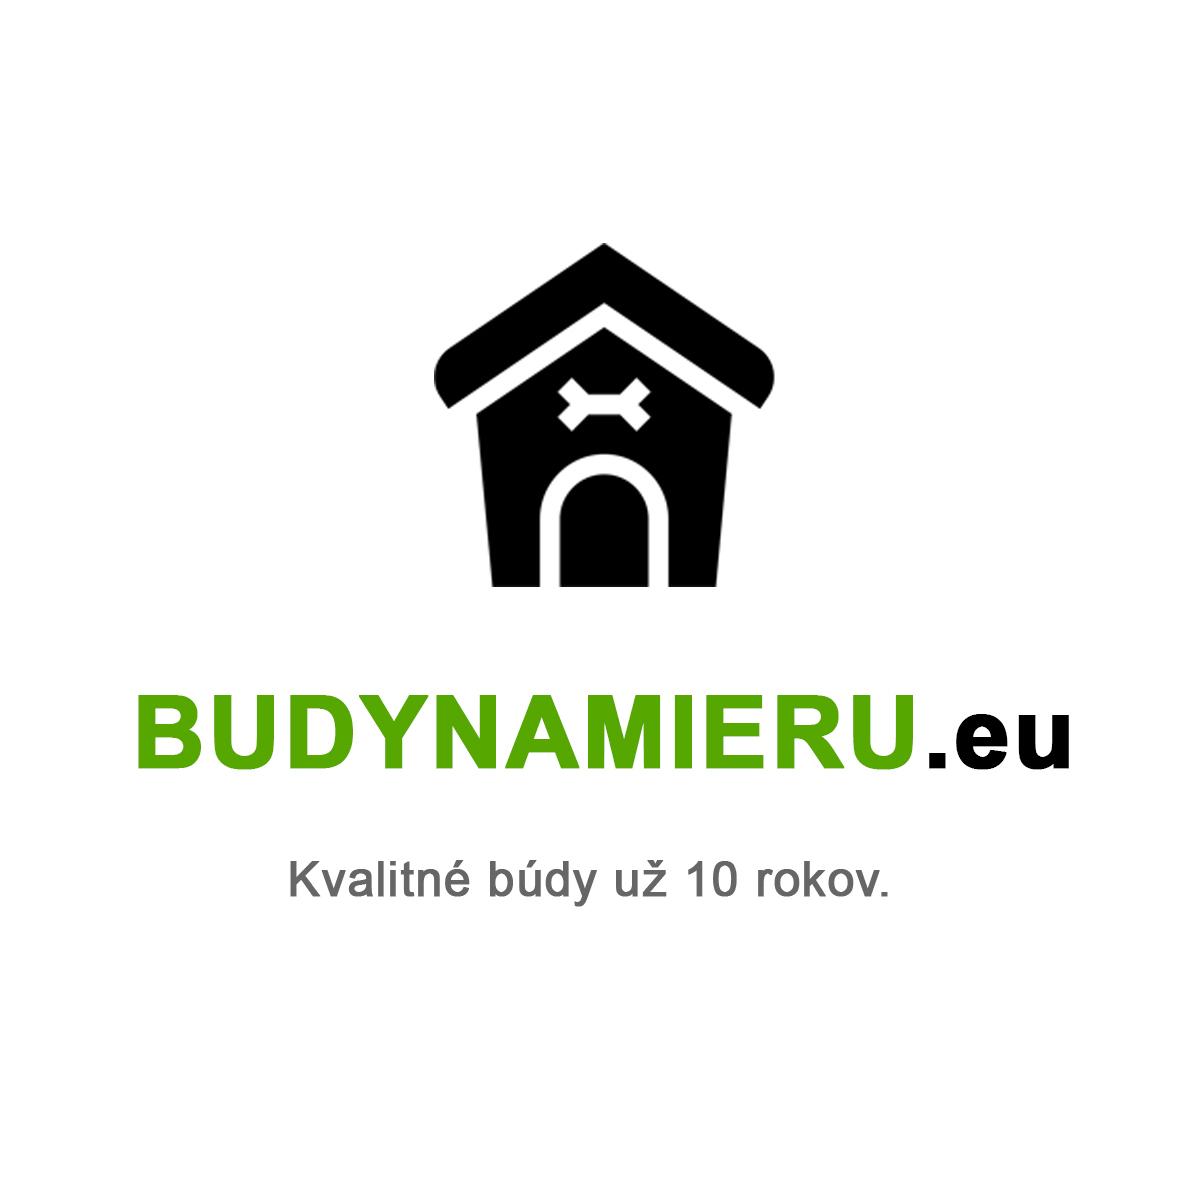 budynamieru.eu